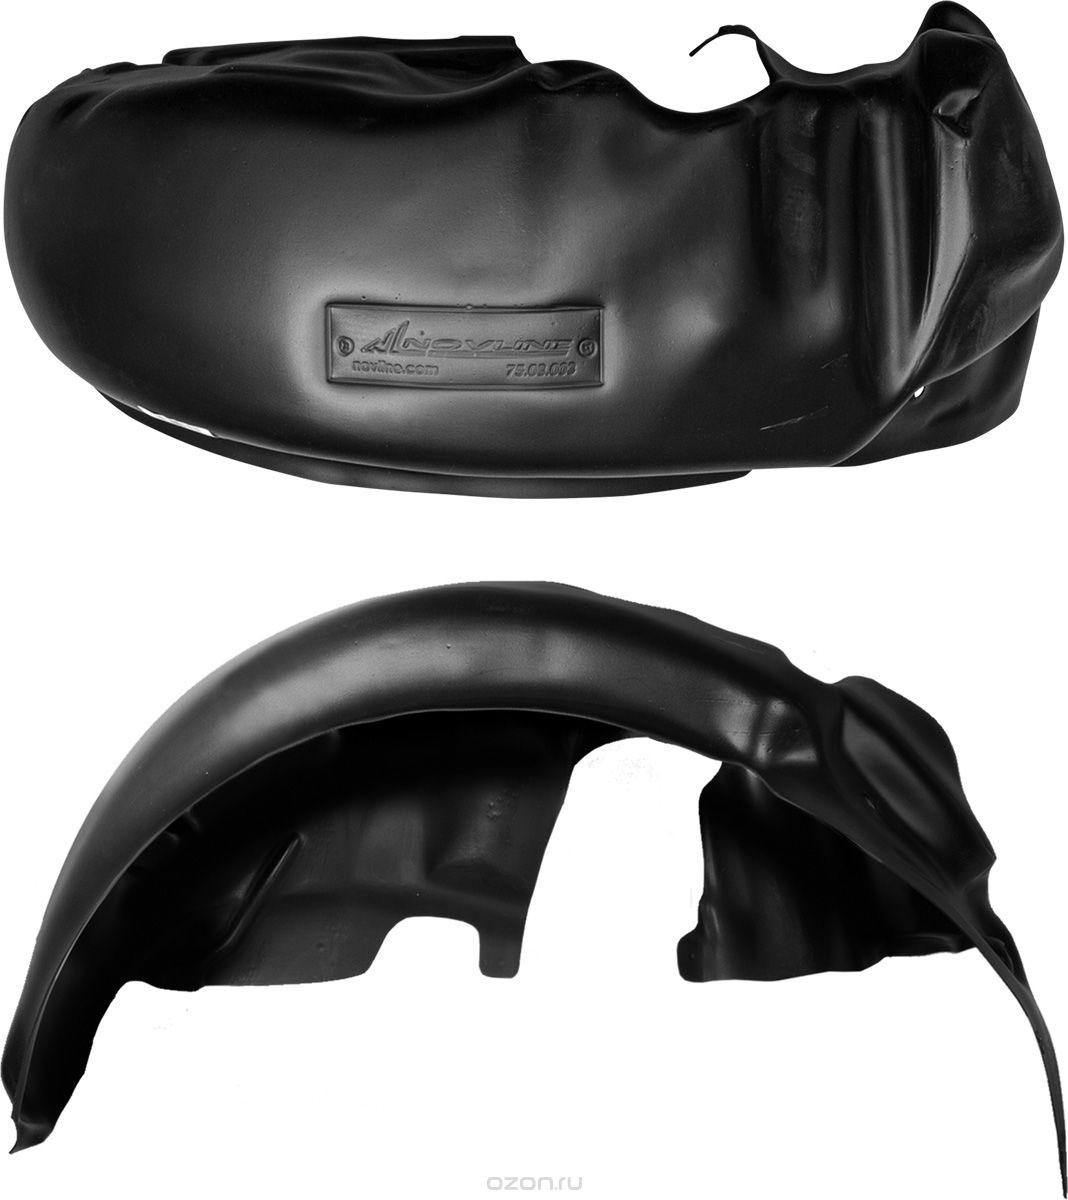 Подкрылок Novline-Autofamily, для NISSAN Qashqai, 2014-2015, J11, импортная сборка, задний правый42803003Идеальная защита колесной ниши. Локеры разработаны с применением цифровых технологий, гарантируют максимальную повторяемость поверхности арки. Изделия устанавливаются без нарушения лакокрасочного покрытия автомобиля, каждый подкрылок комплектуется крепежом. Уважаемые клиенты, обращаем ваше внимание, что фотографии на подкрылки универсальные и не отражают реальную форму изделия. При этом само изделие идет точно под размер указанного автомобиля.